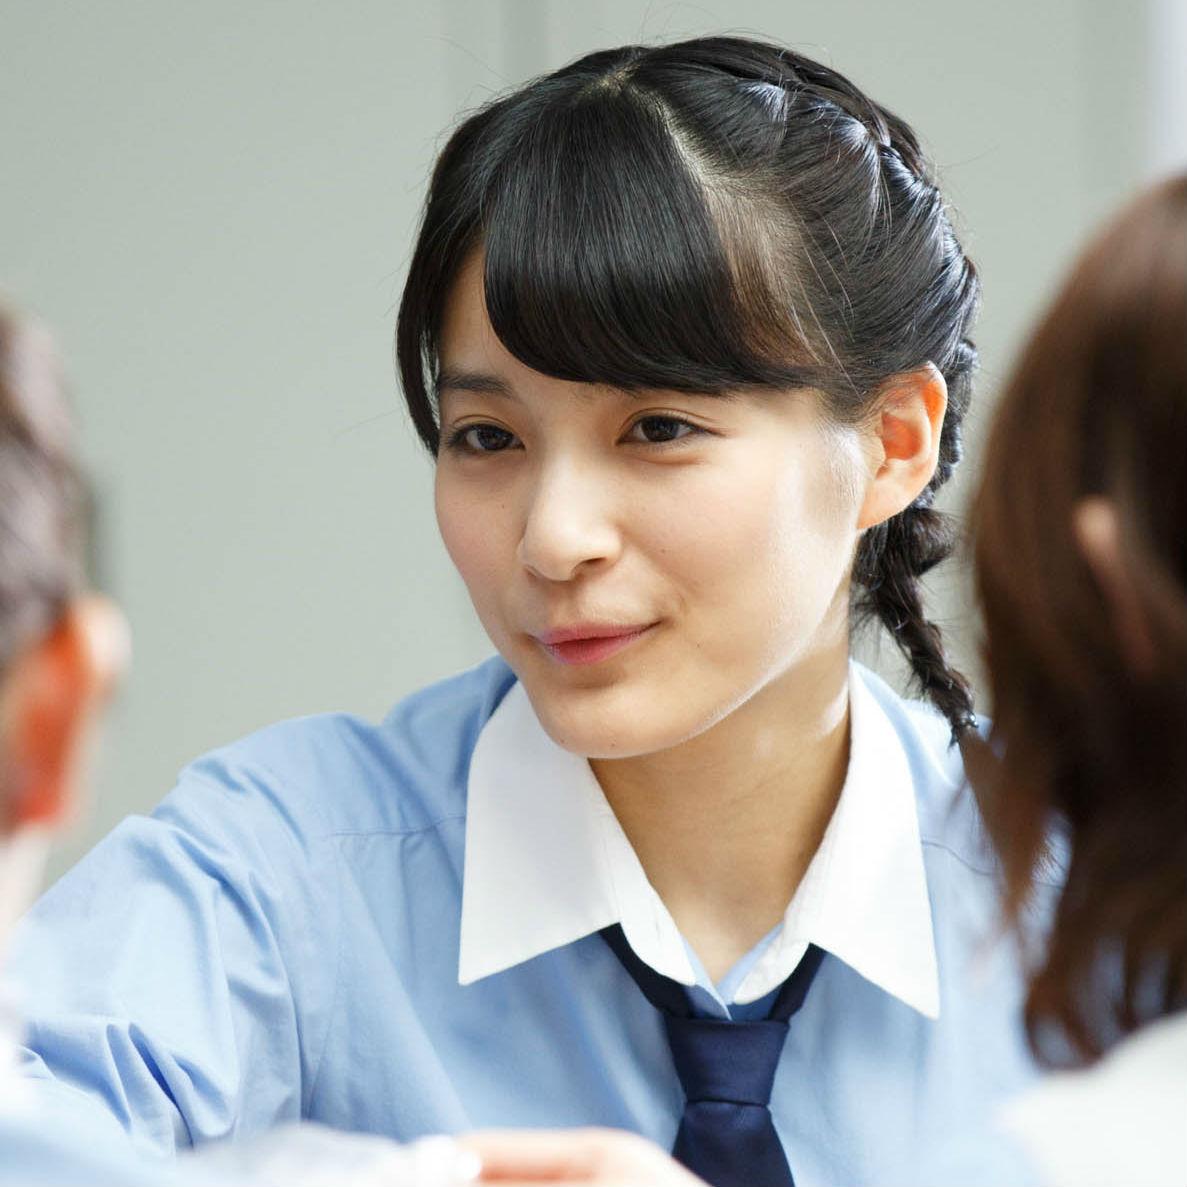 欅坂46・織田奈那さん<br />「探偵モードになるとスイッチが入ります!」<br />